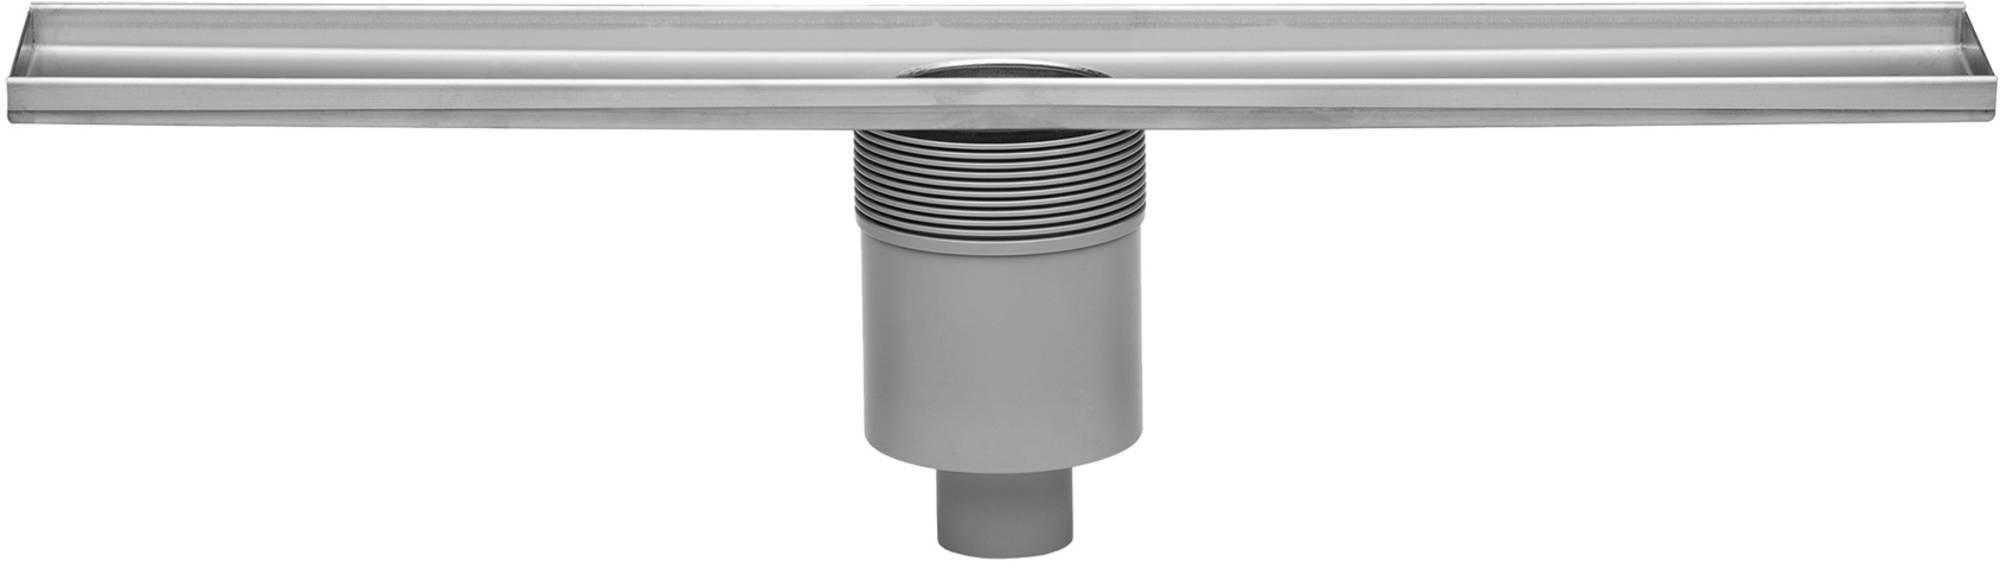 Easy Drain Multi douchegoot 70 cm. onderuitloop zonder rooster Rvs